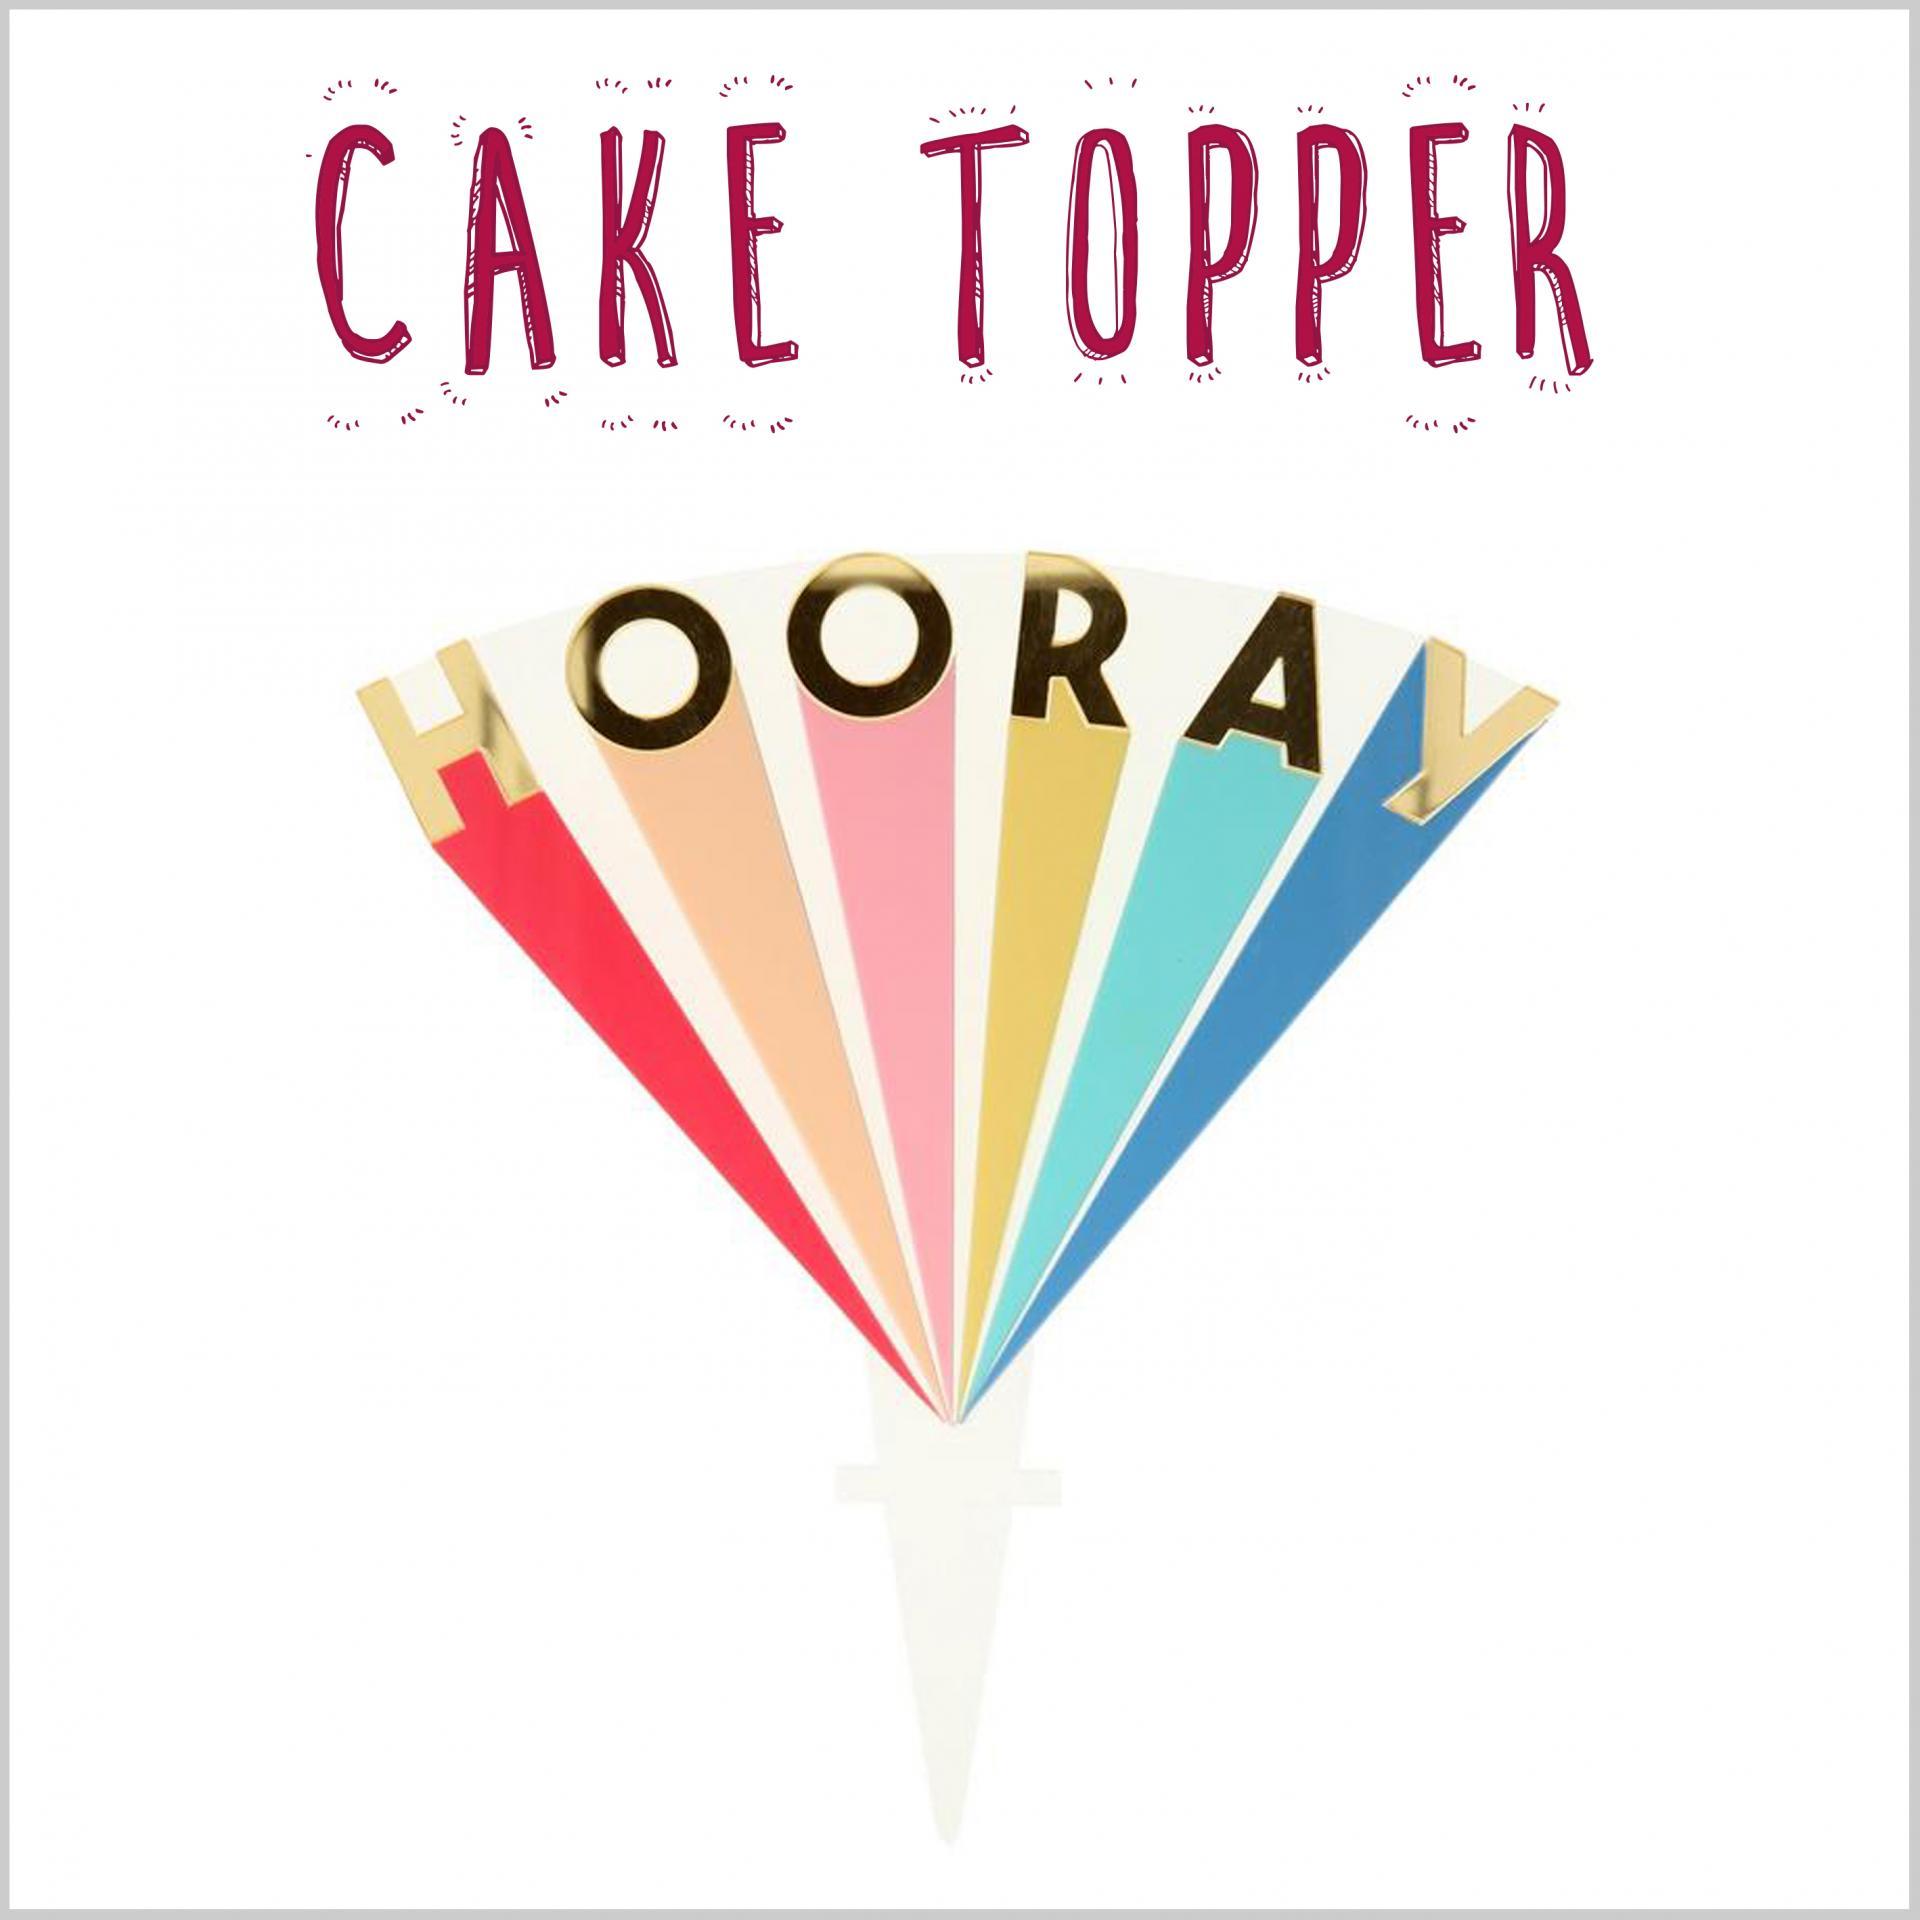 Cake Topper Hooray